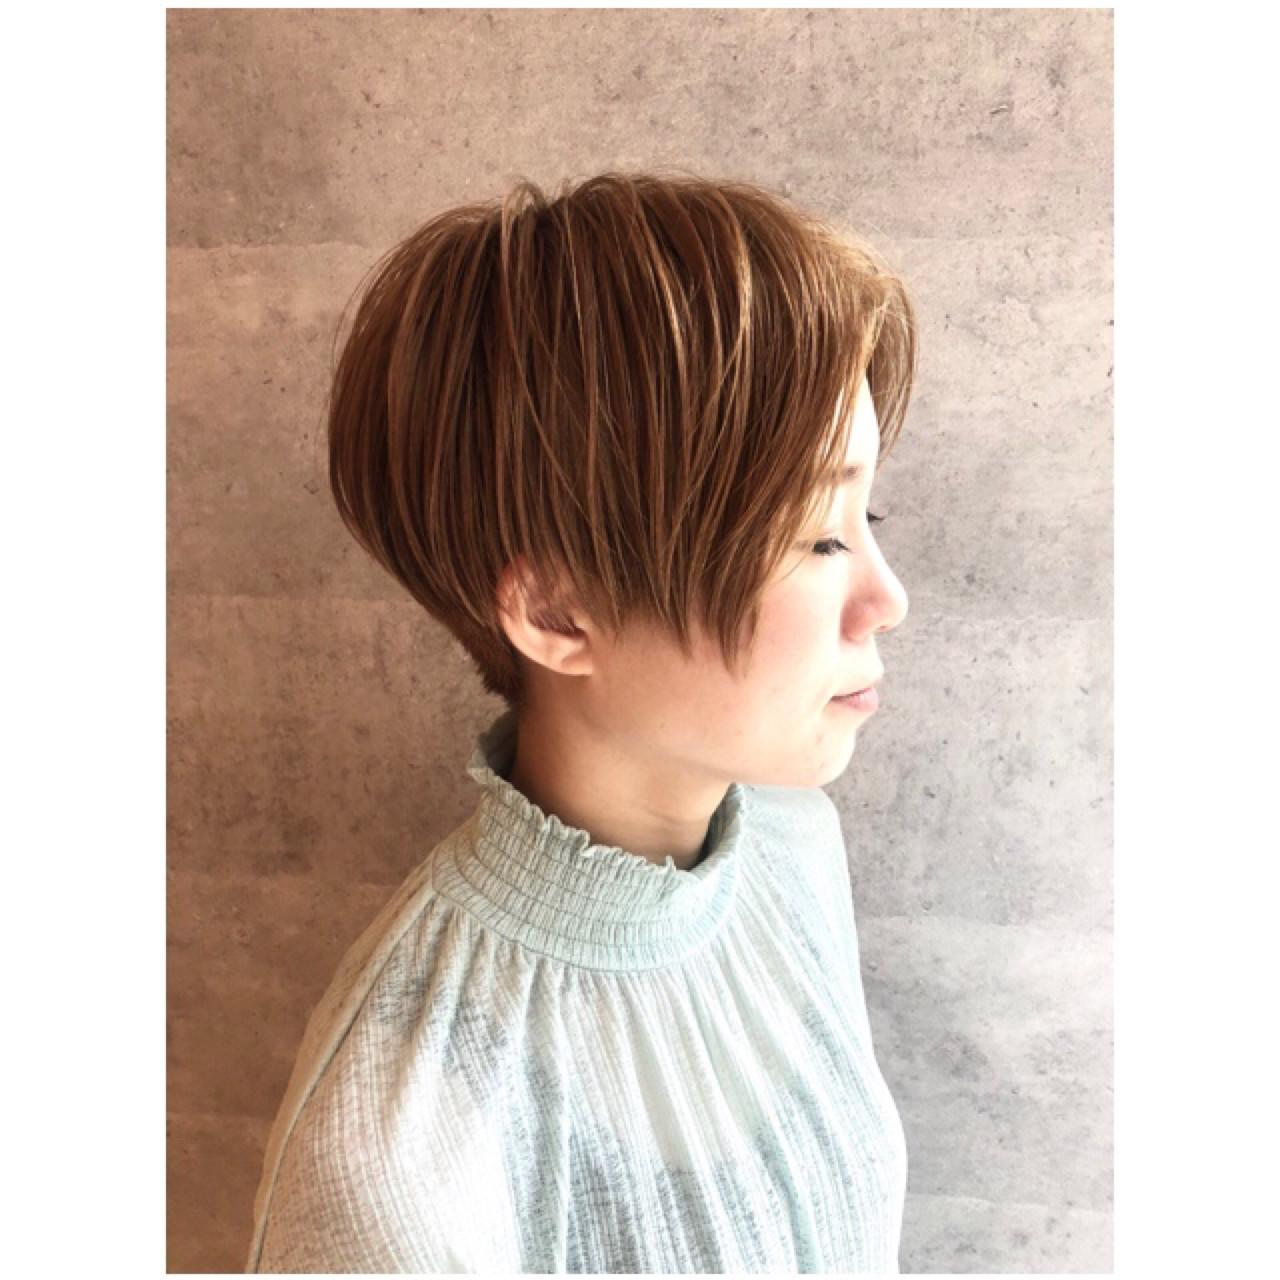 ベリーショート 小顔 マッシュ 似合わせ ヘアスタイルや髪型の写真・画像